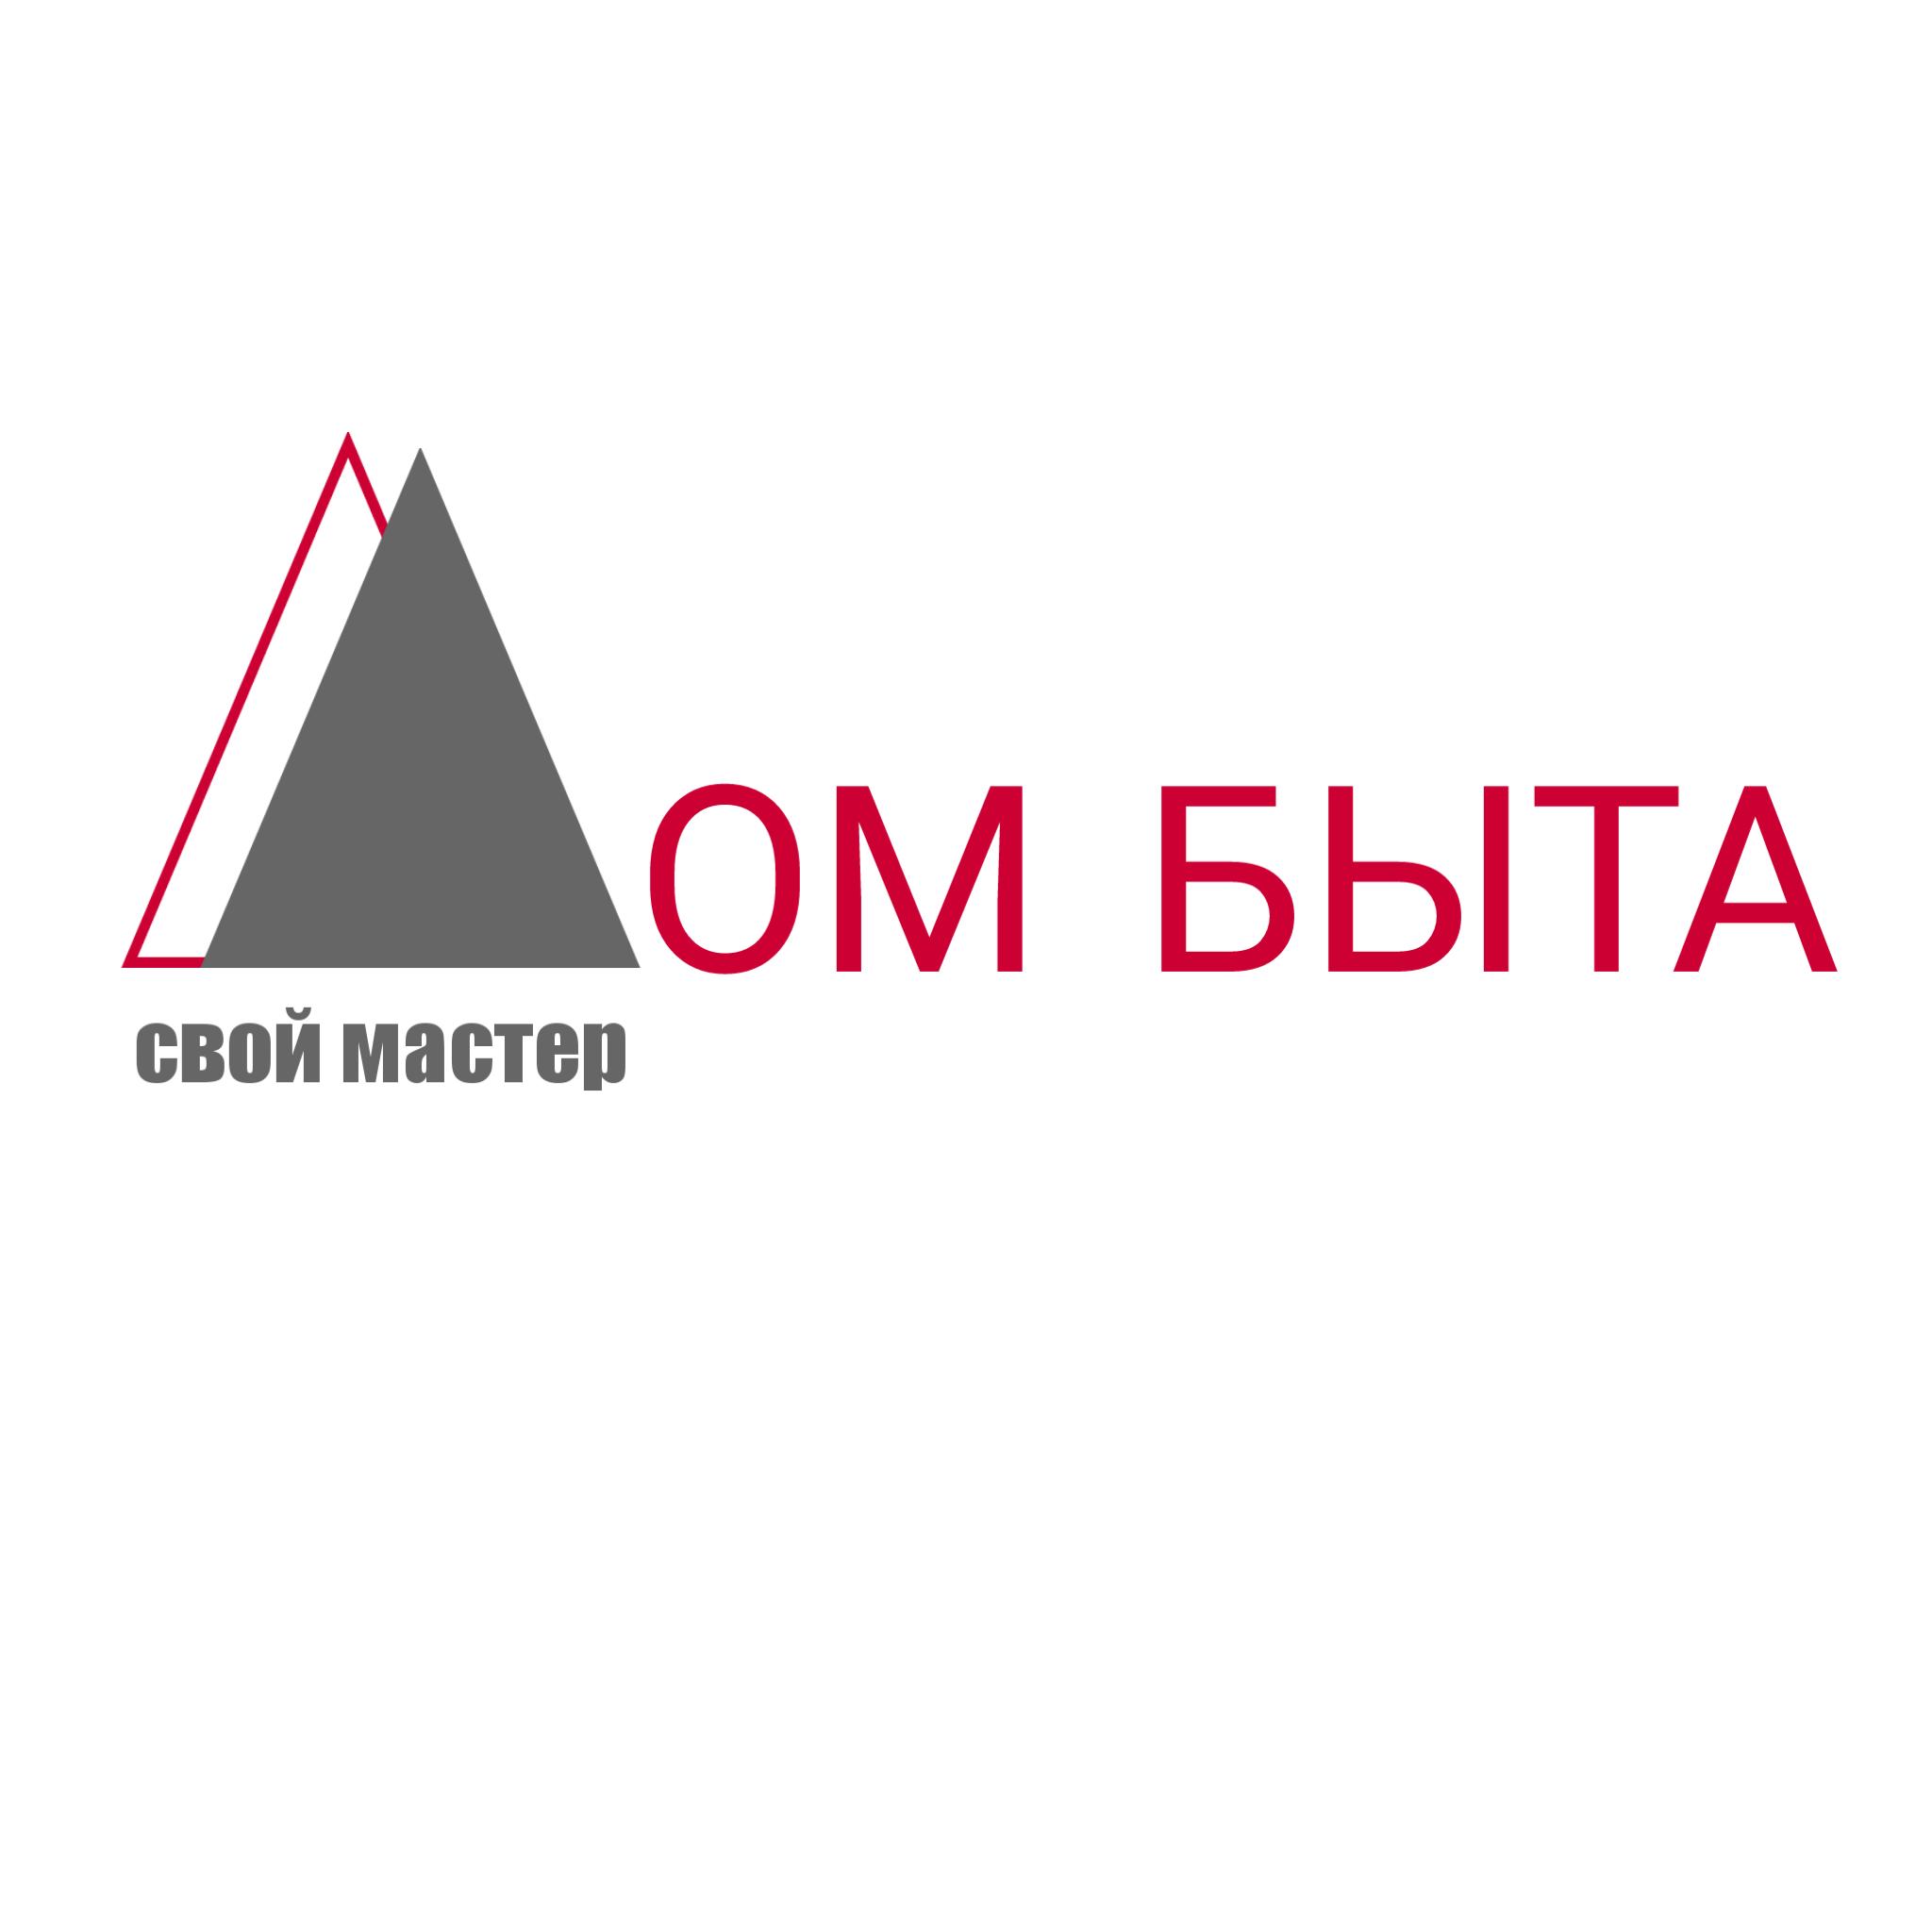 Логотип для сетевого ДОМ БЫТА фото f_8415d7342174b674.png